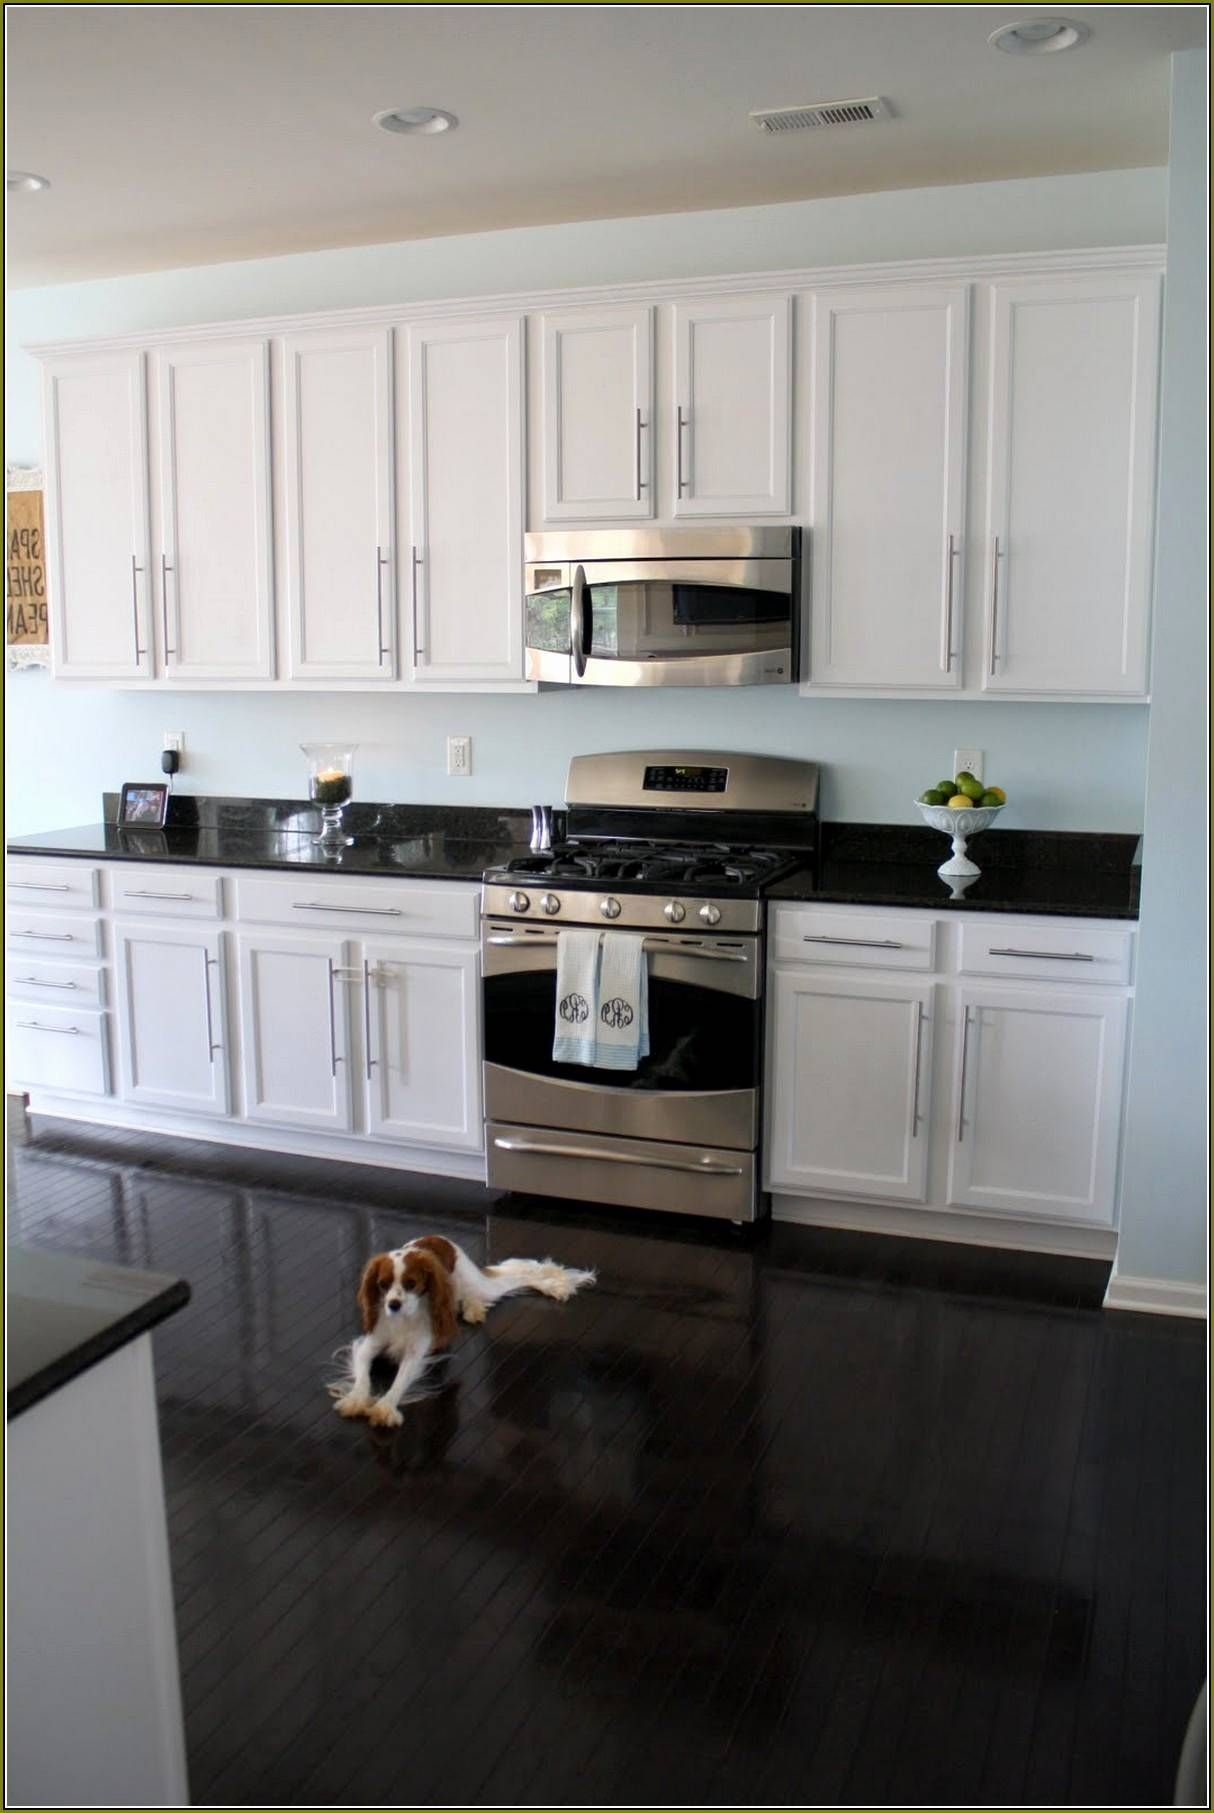 Quarz-küchendesign cabinet hardware richmond va  bei der installation von cabinet